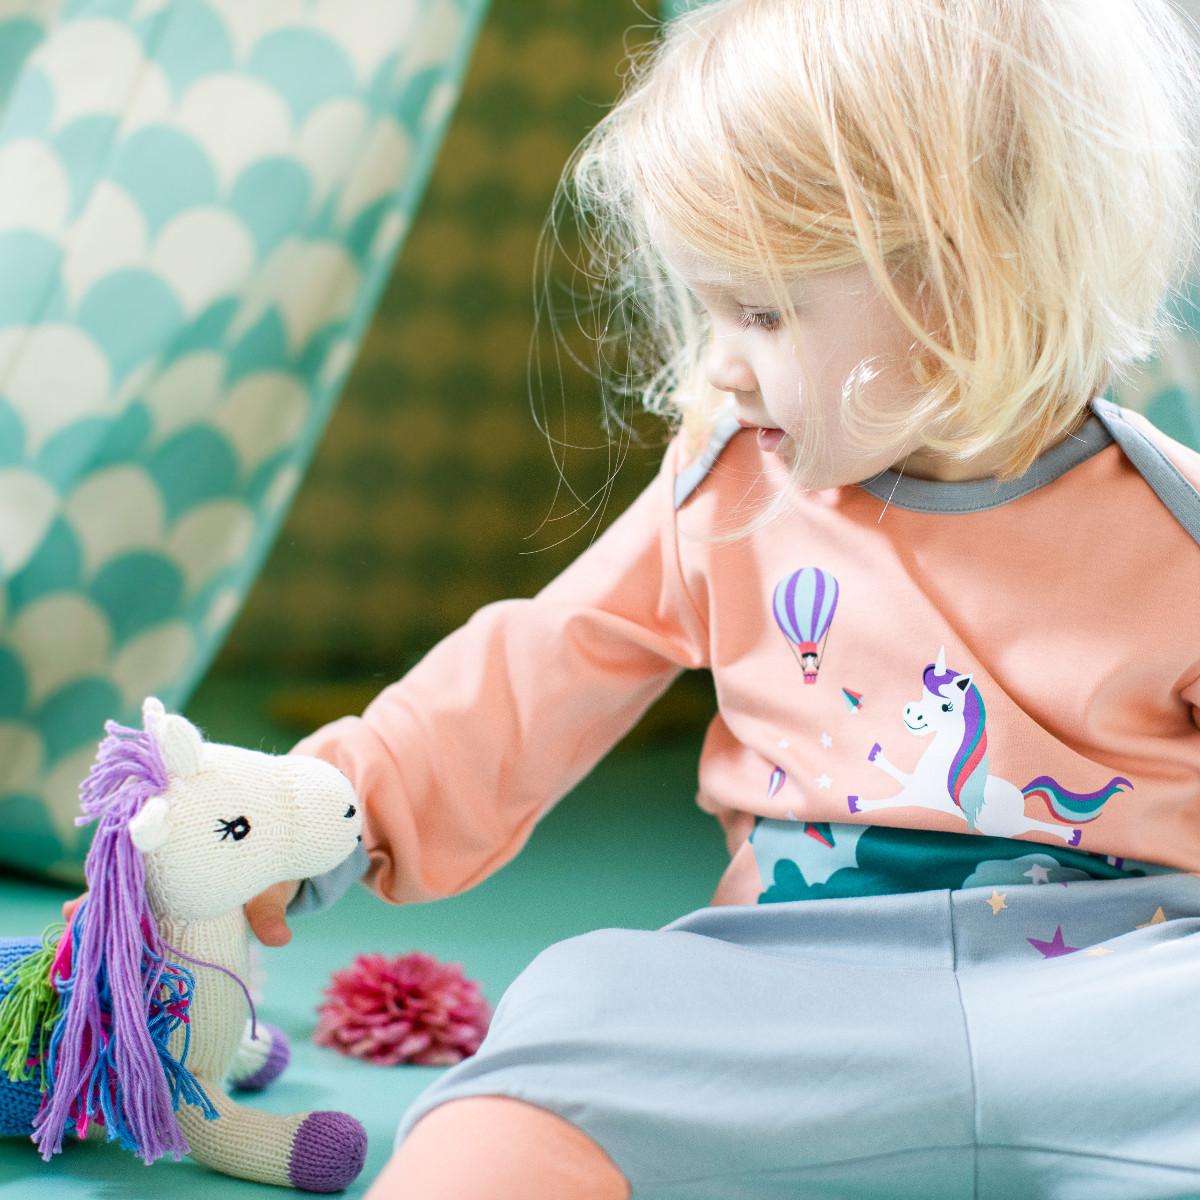 Kinderzimmer-Schild T/ürschild mit Namen Mia und Einhorn-Motiv in Pastell-Optik f/ür M/ädchen